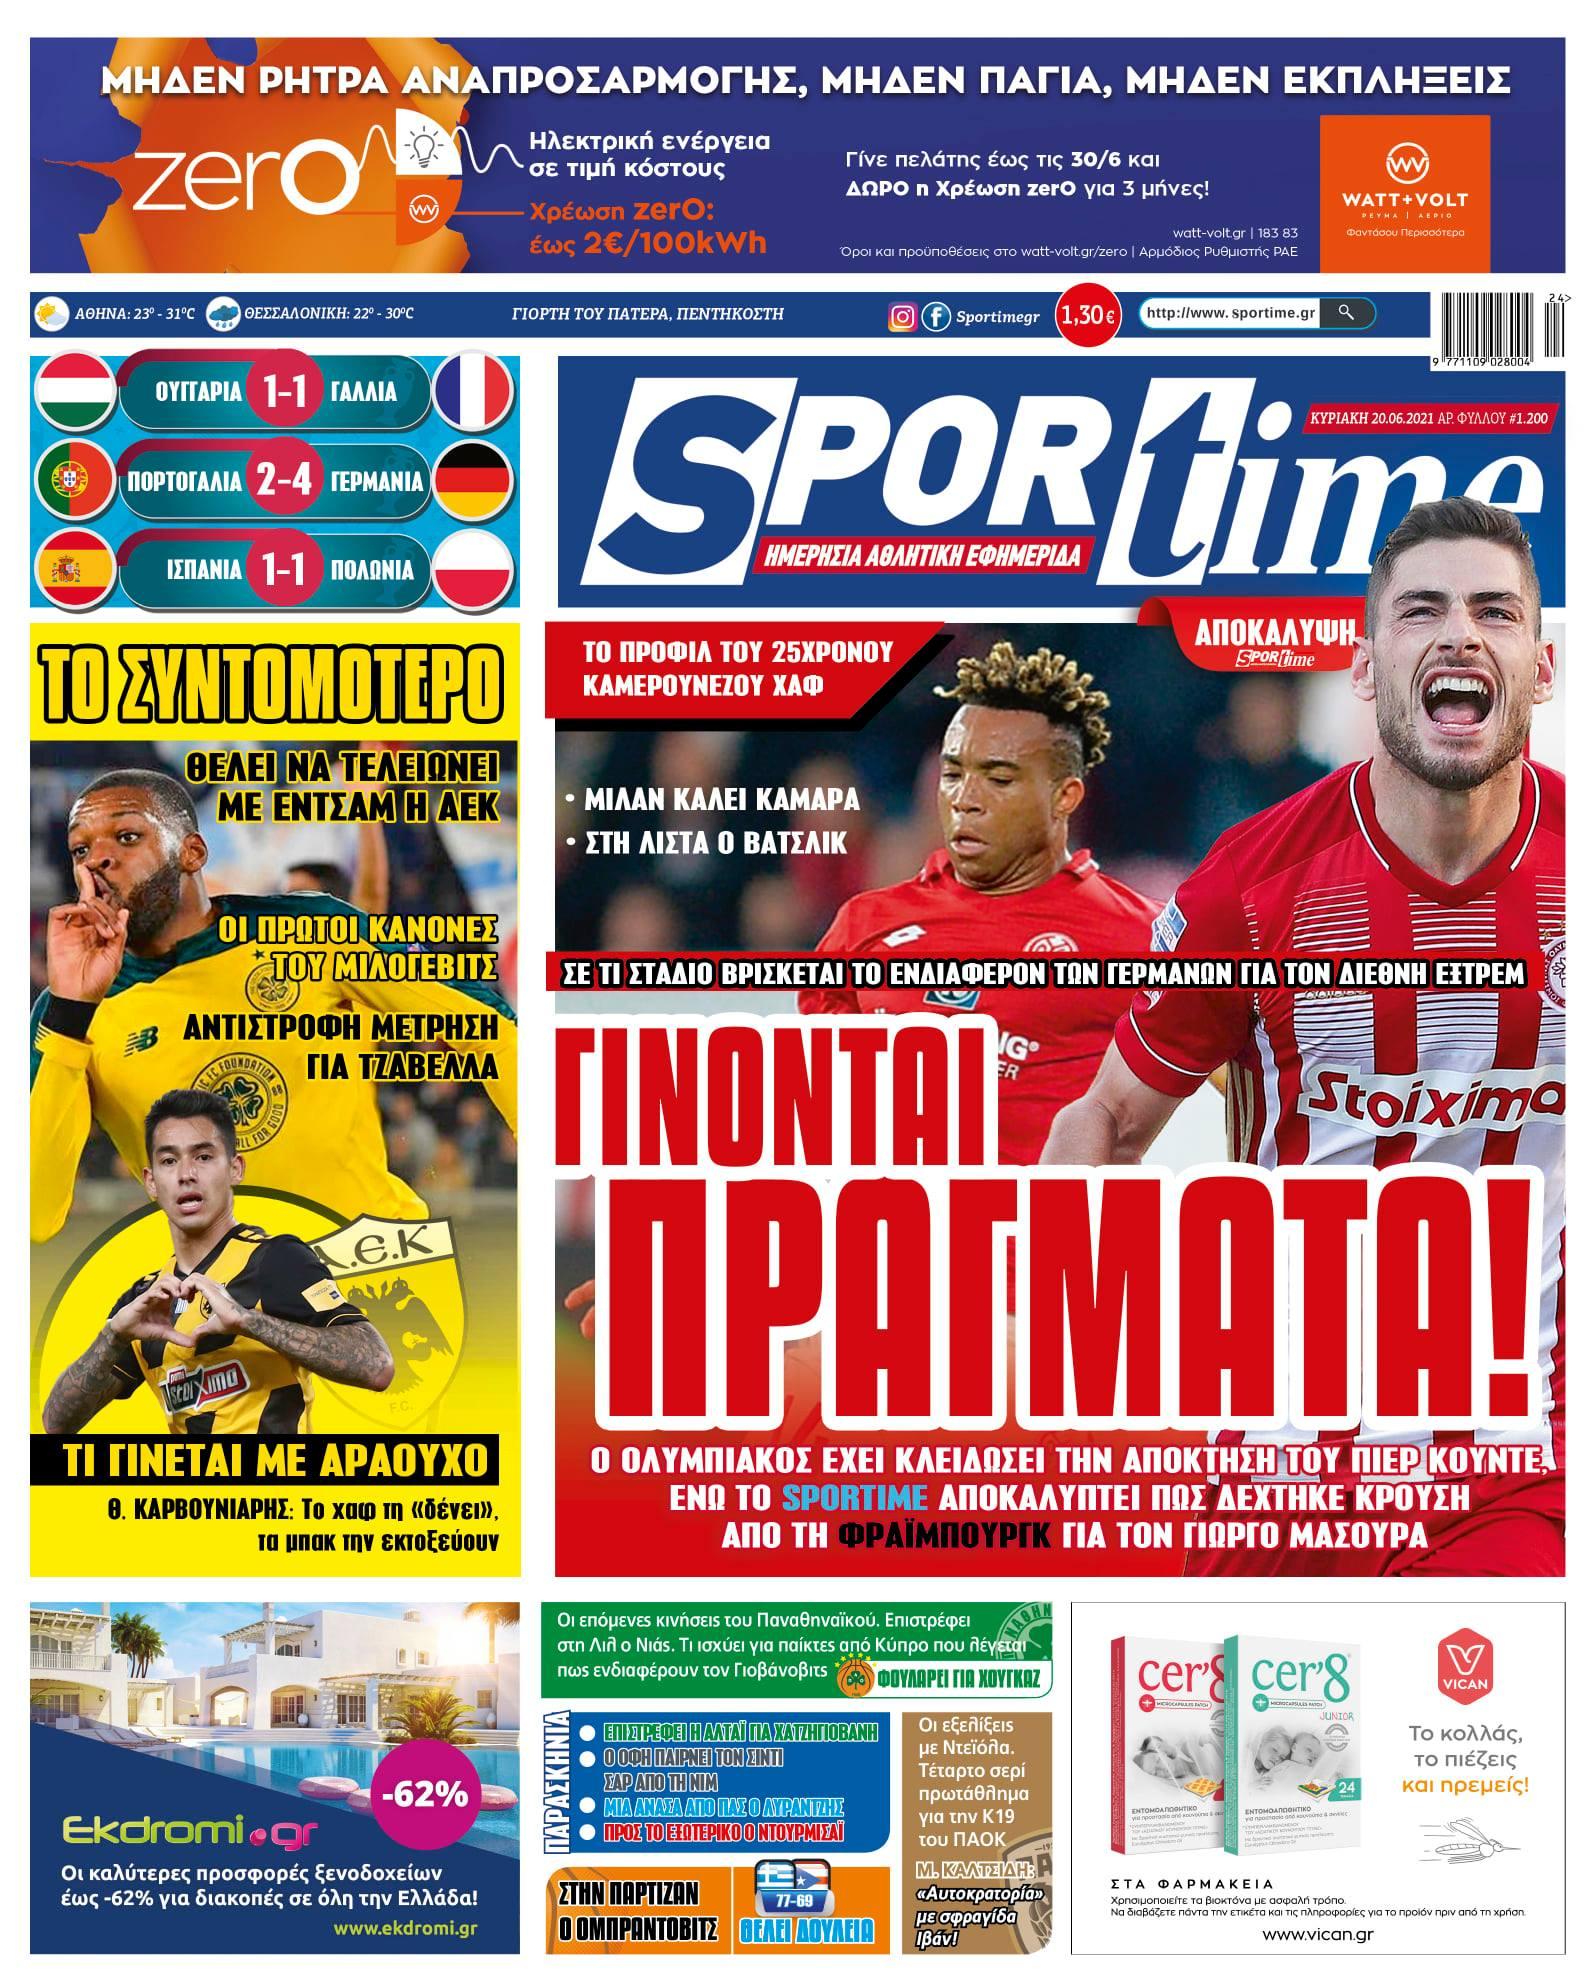 Εφημερίδα SPORTIME - Εξώφυλλο φύλλου 20/6/2021